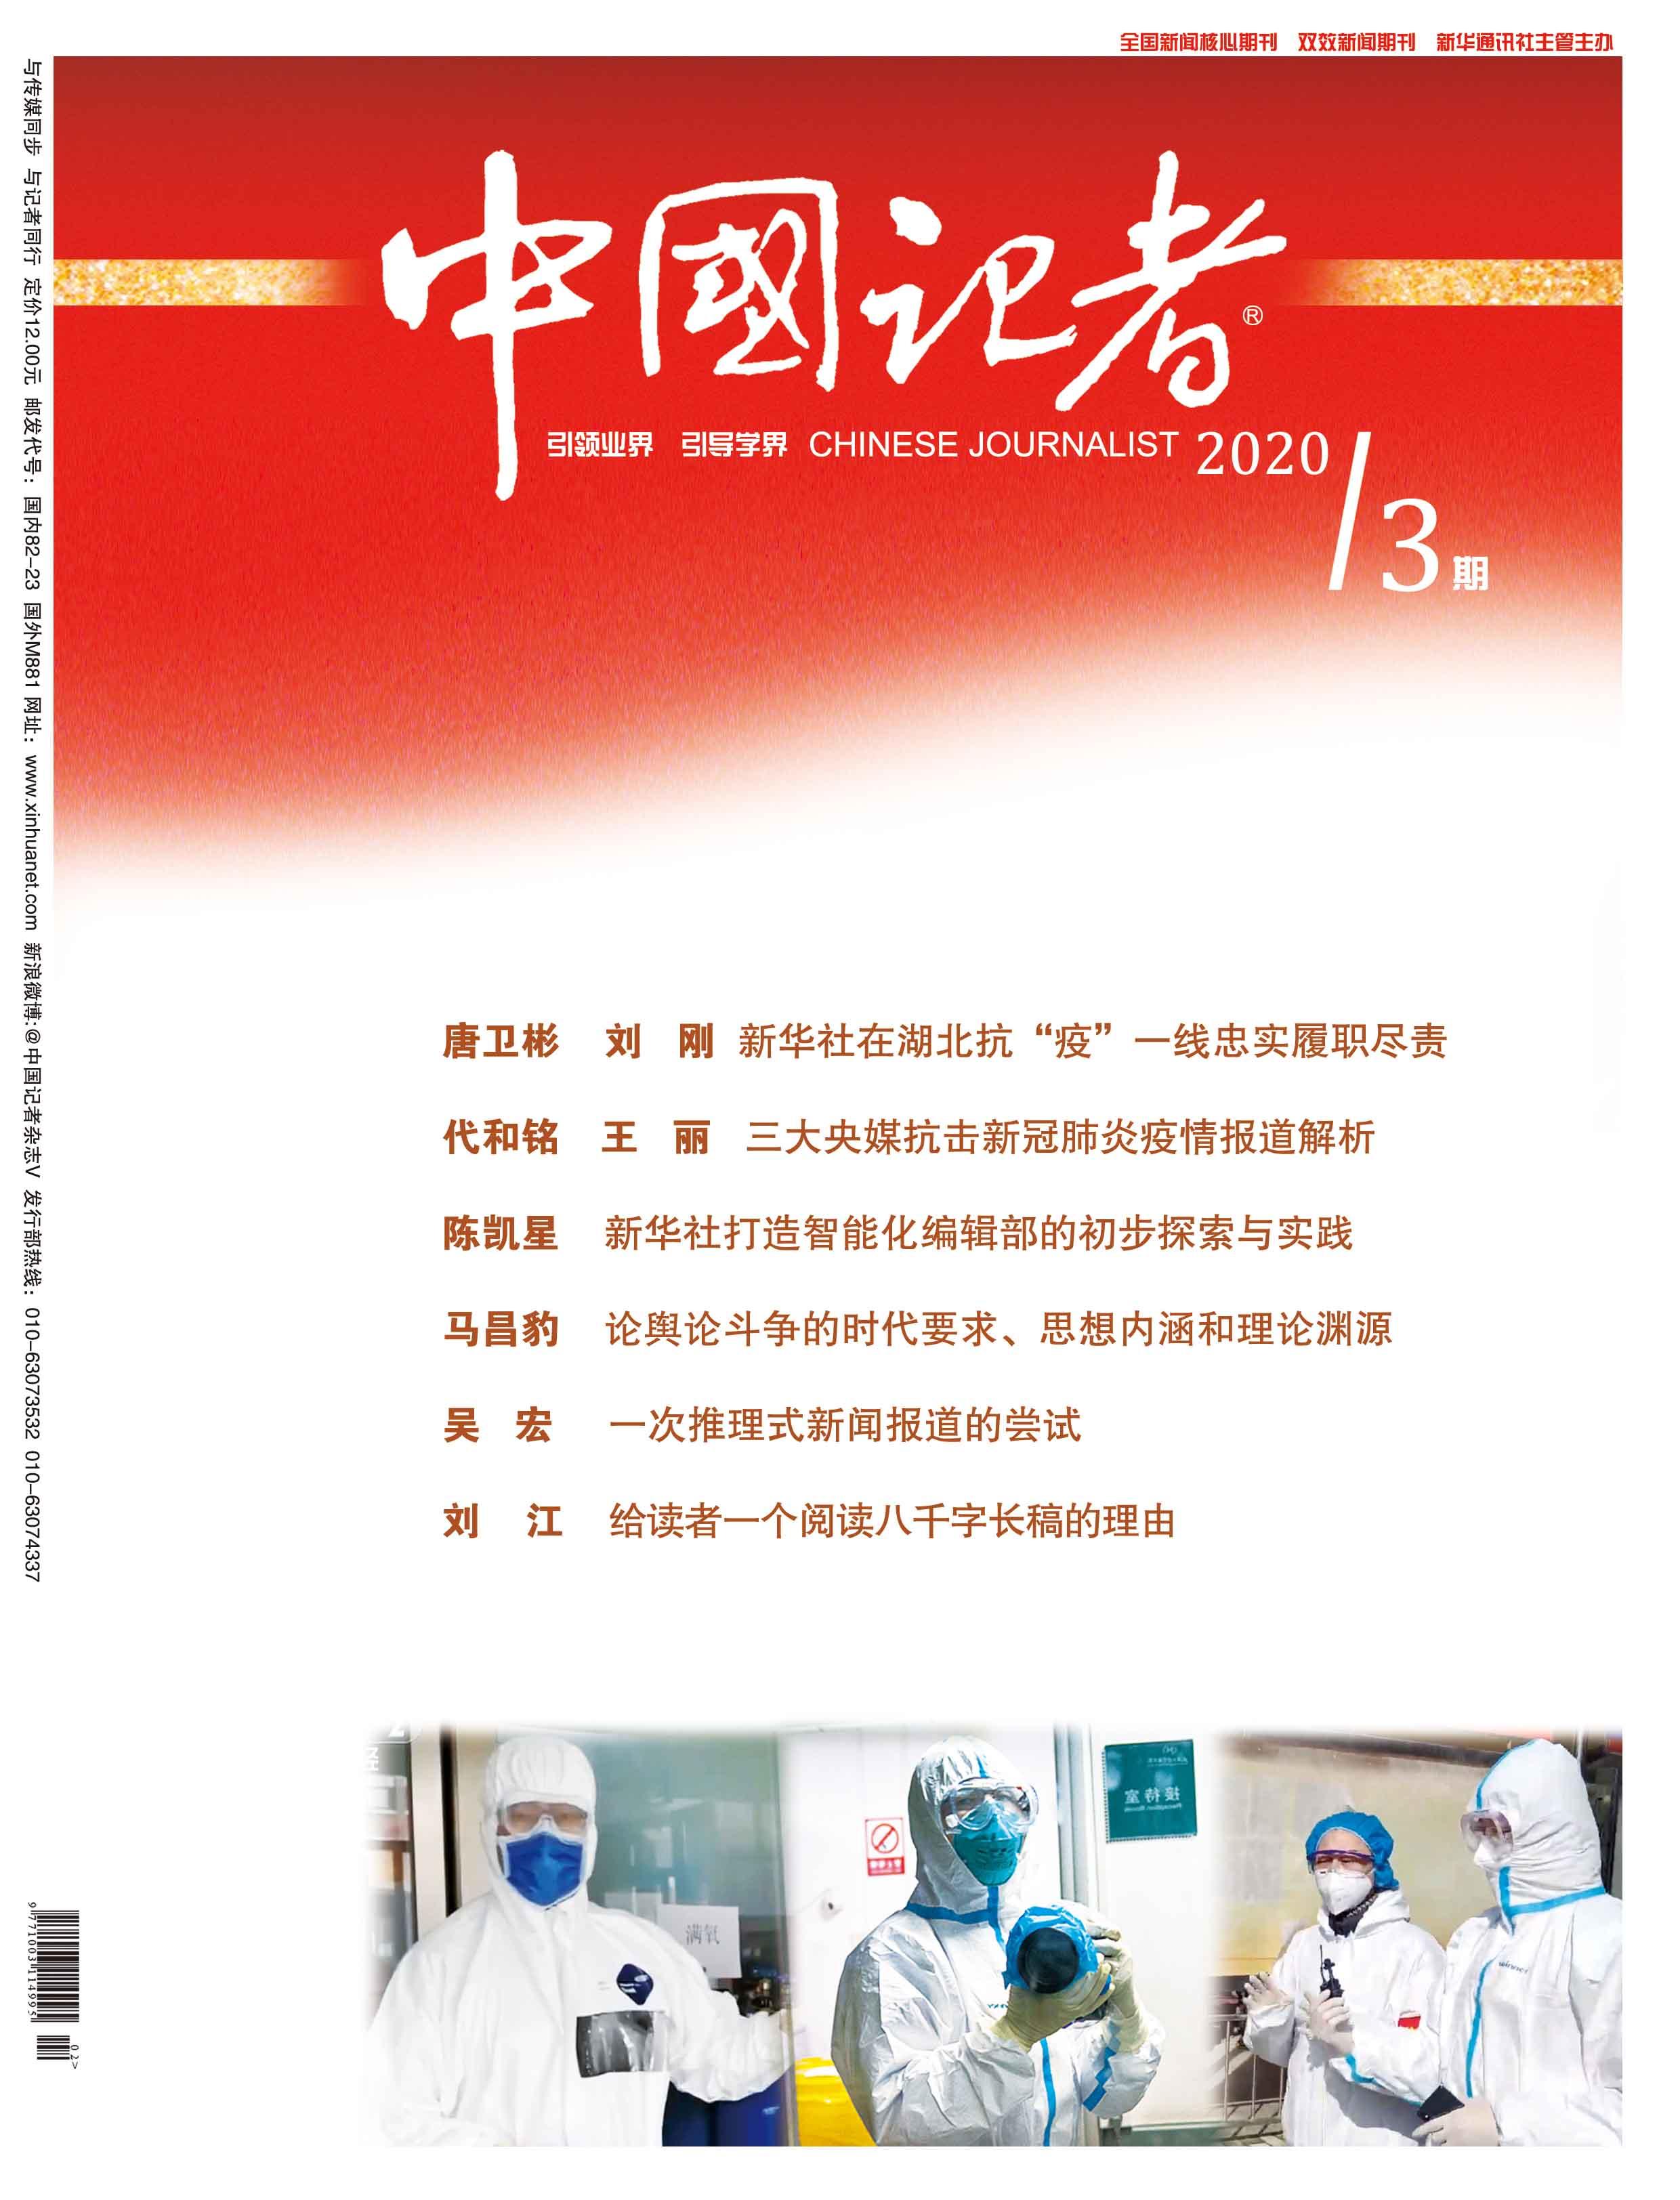 中國記者2020年第3期封面